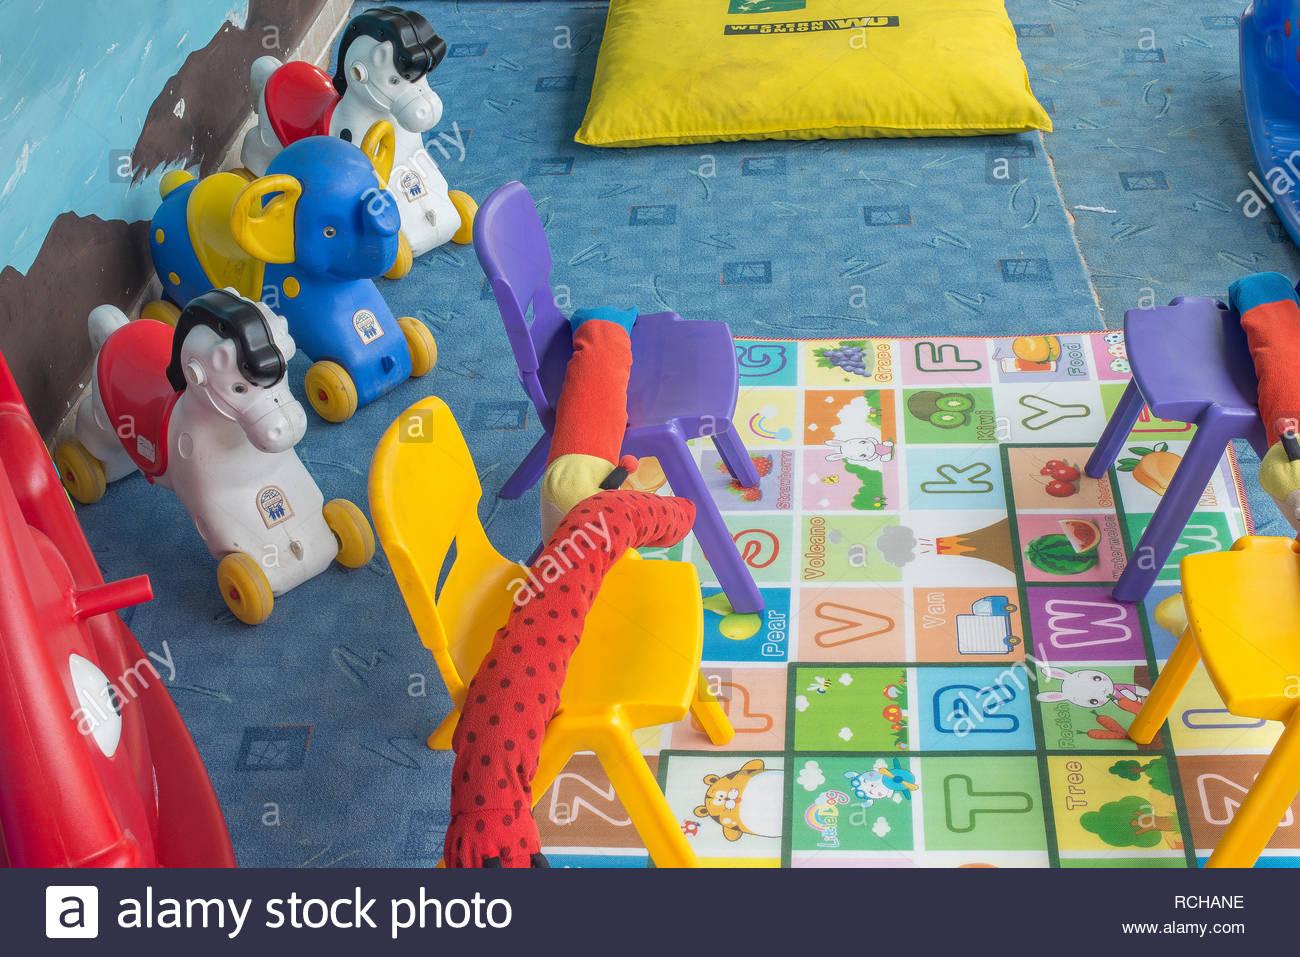 Faites Glisser Et Tout-Petits Ballons Colorés Dans L'aire De intérieur Jeux Pour Petit Enfant